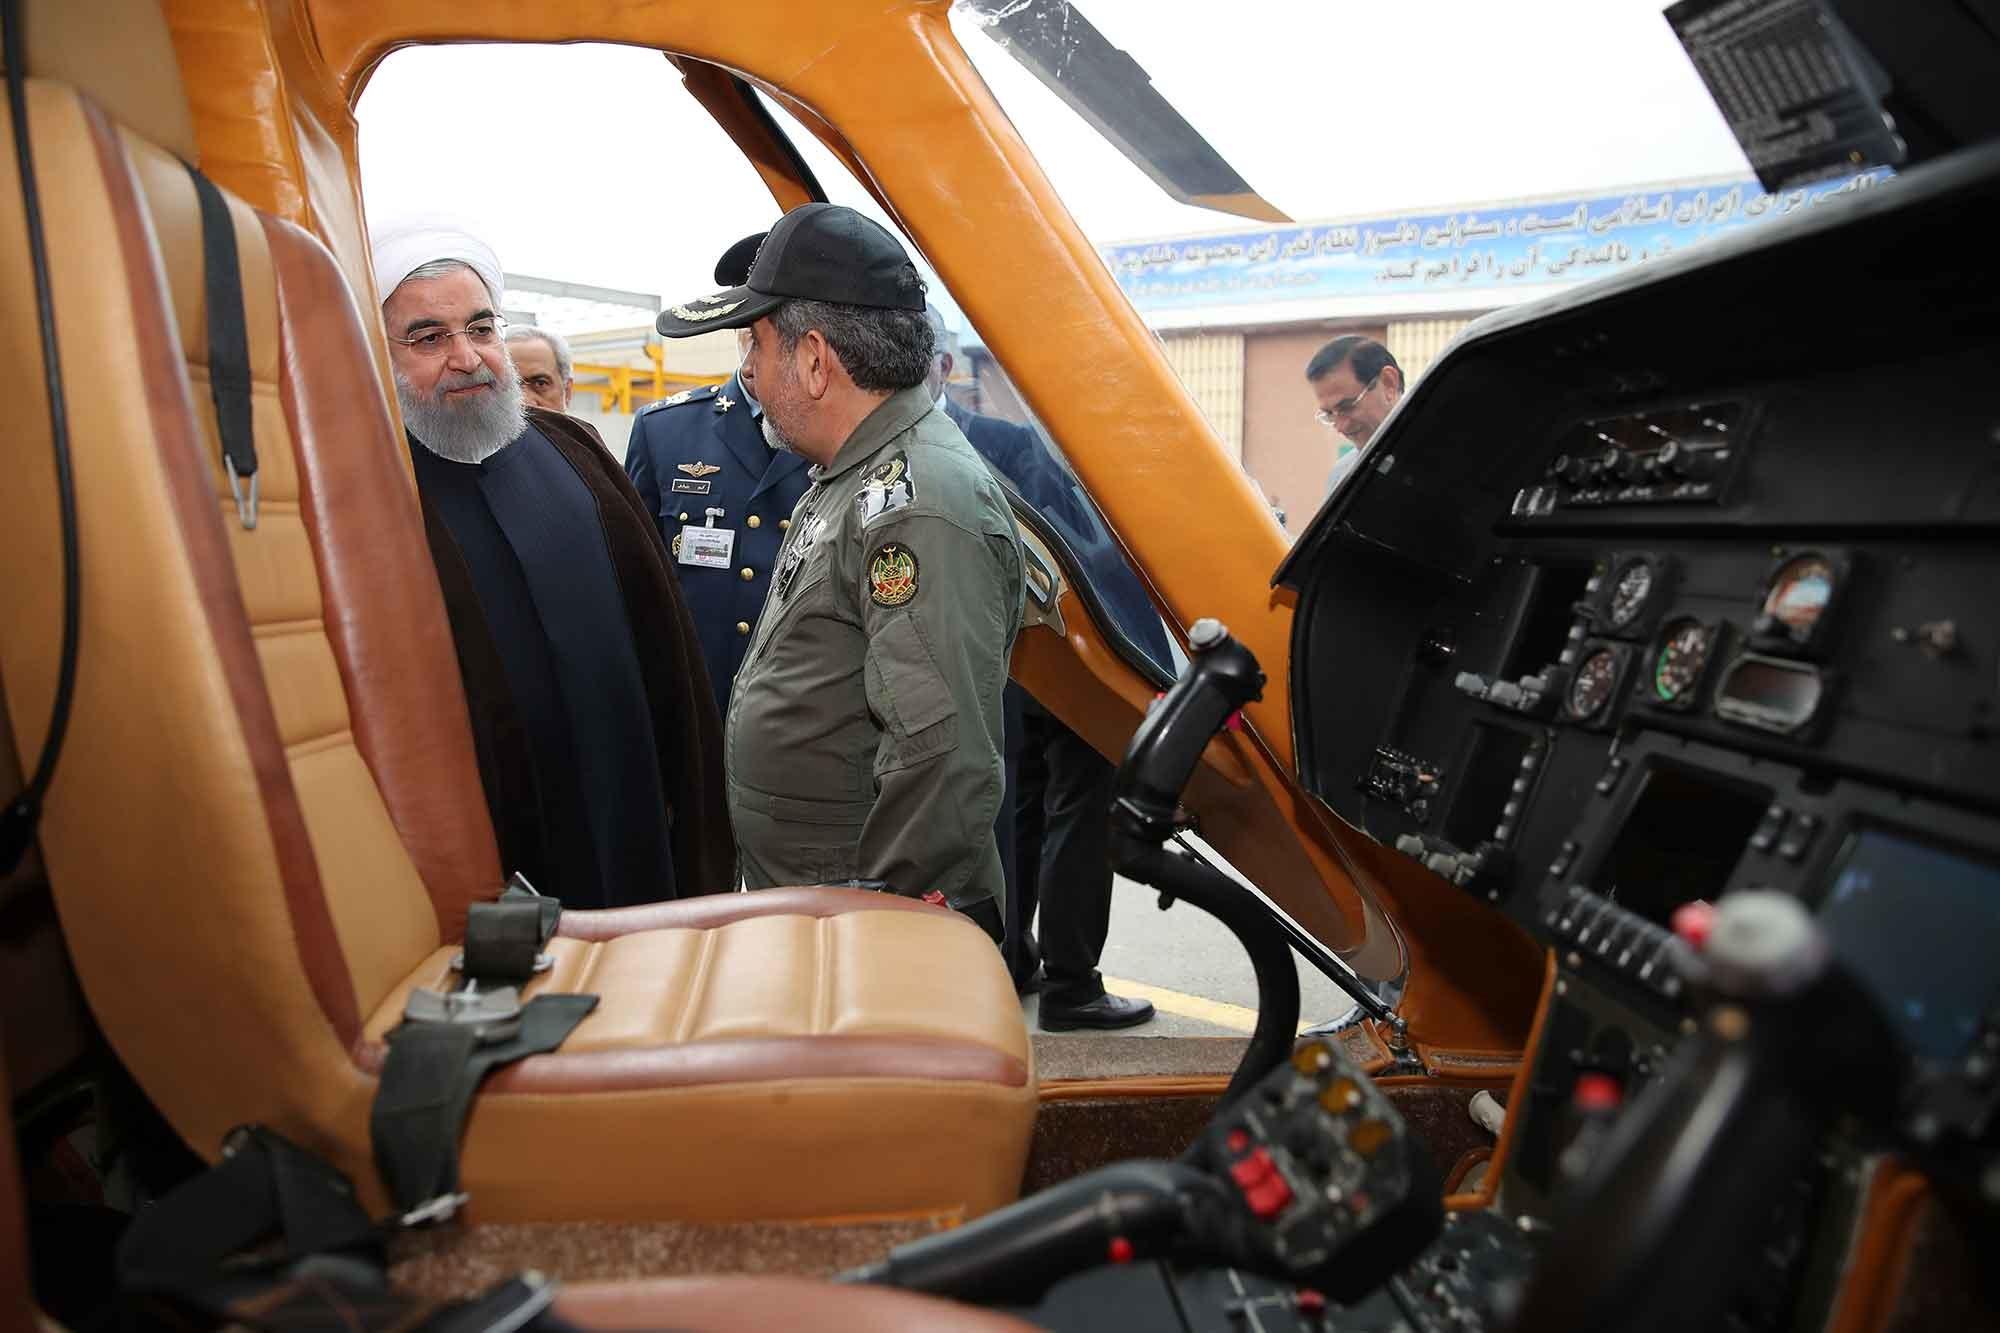 تصاویر |  رییسجمهور در مراسم رونمایی از دستاوردهای جدید وزارت دفاع